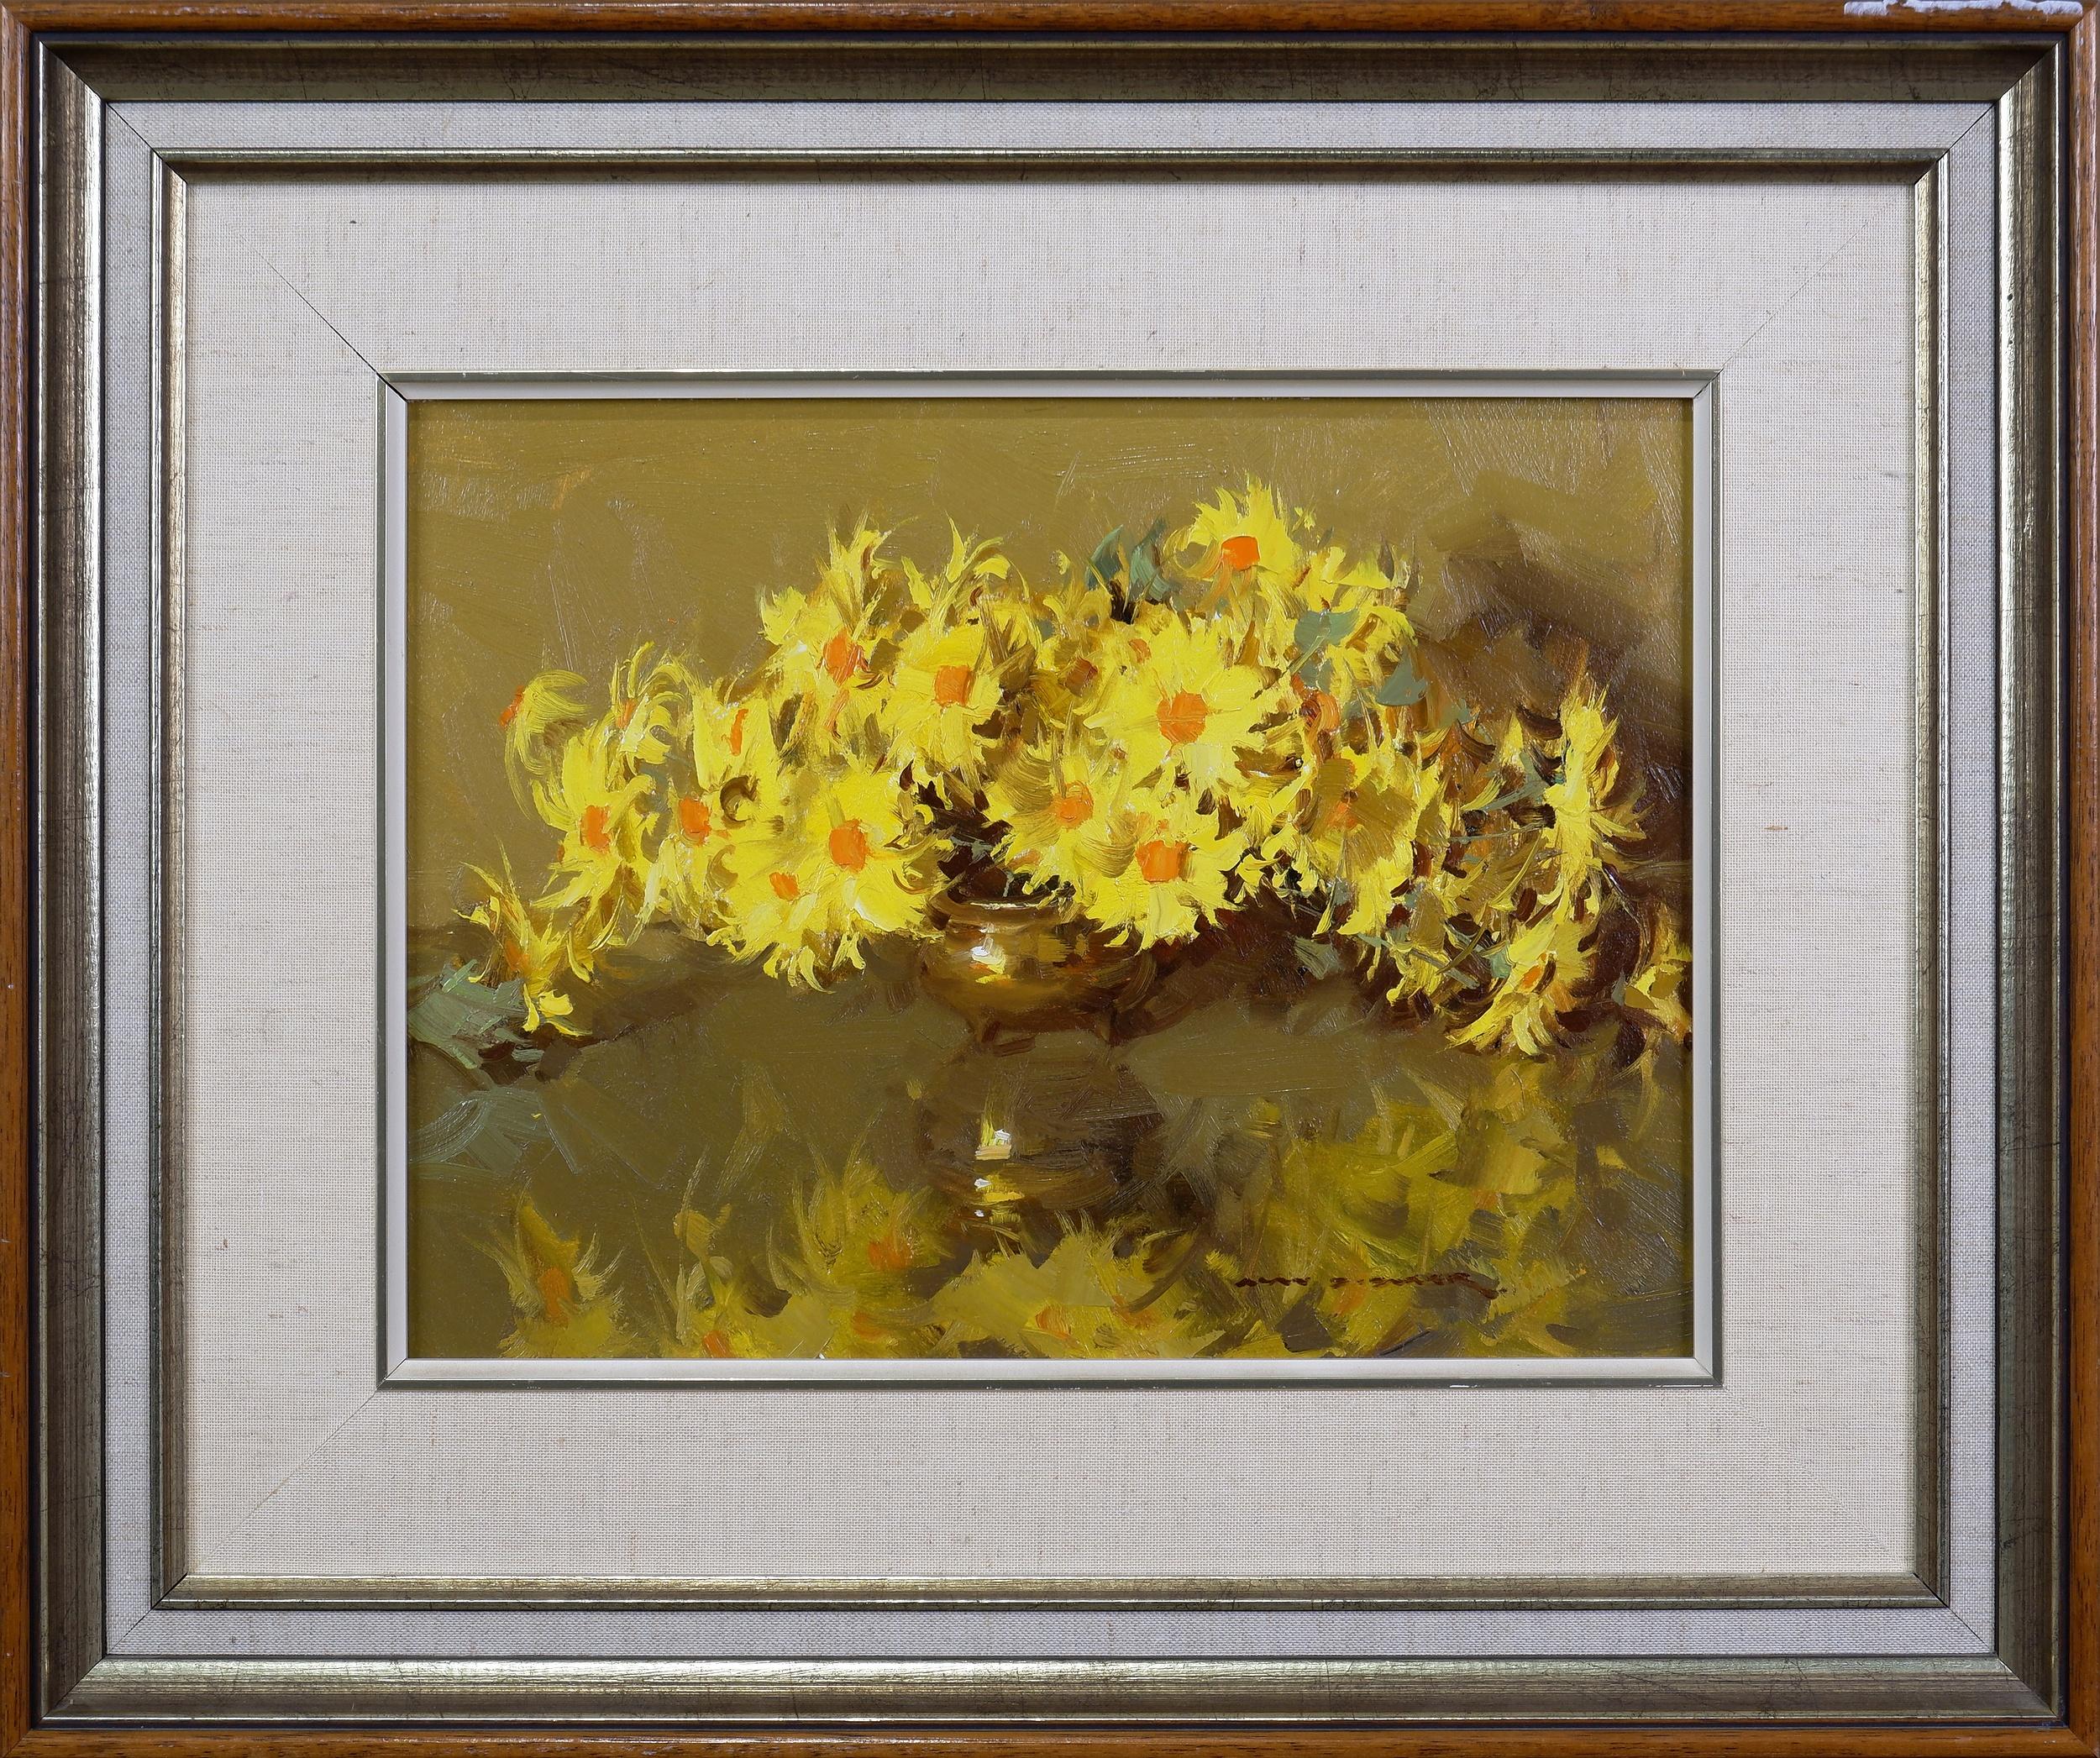 'Alan D. Baker (1914-1987), Floral Still Life, Oil on Board'